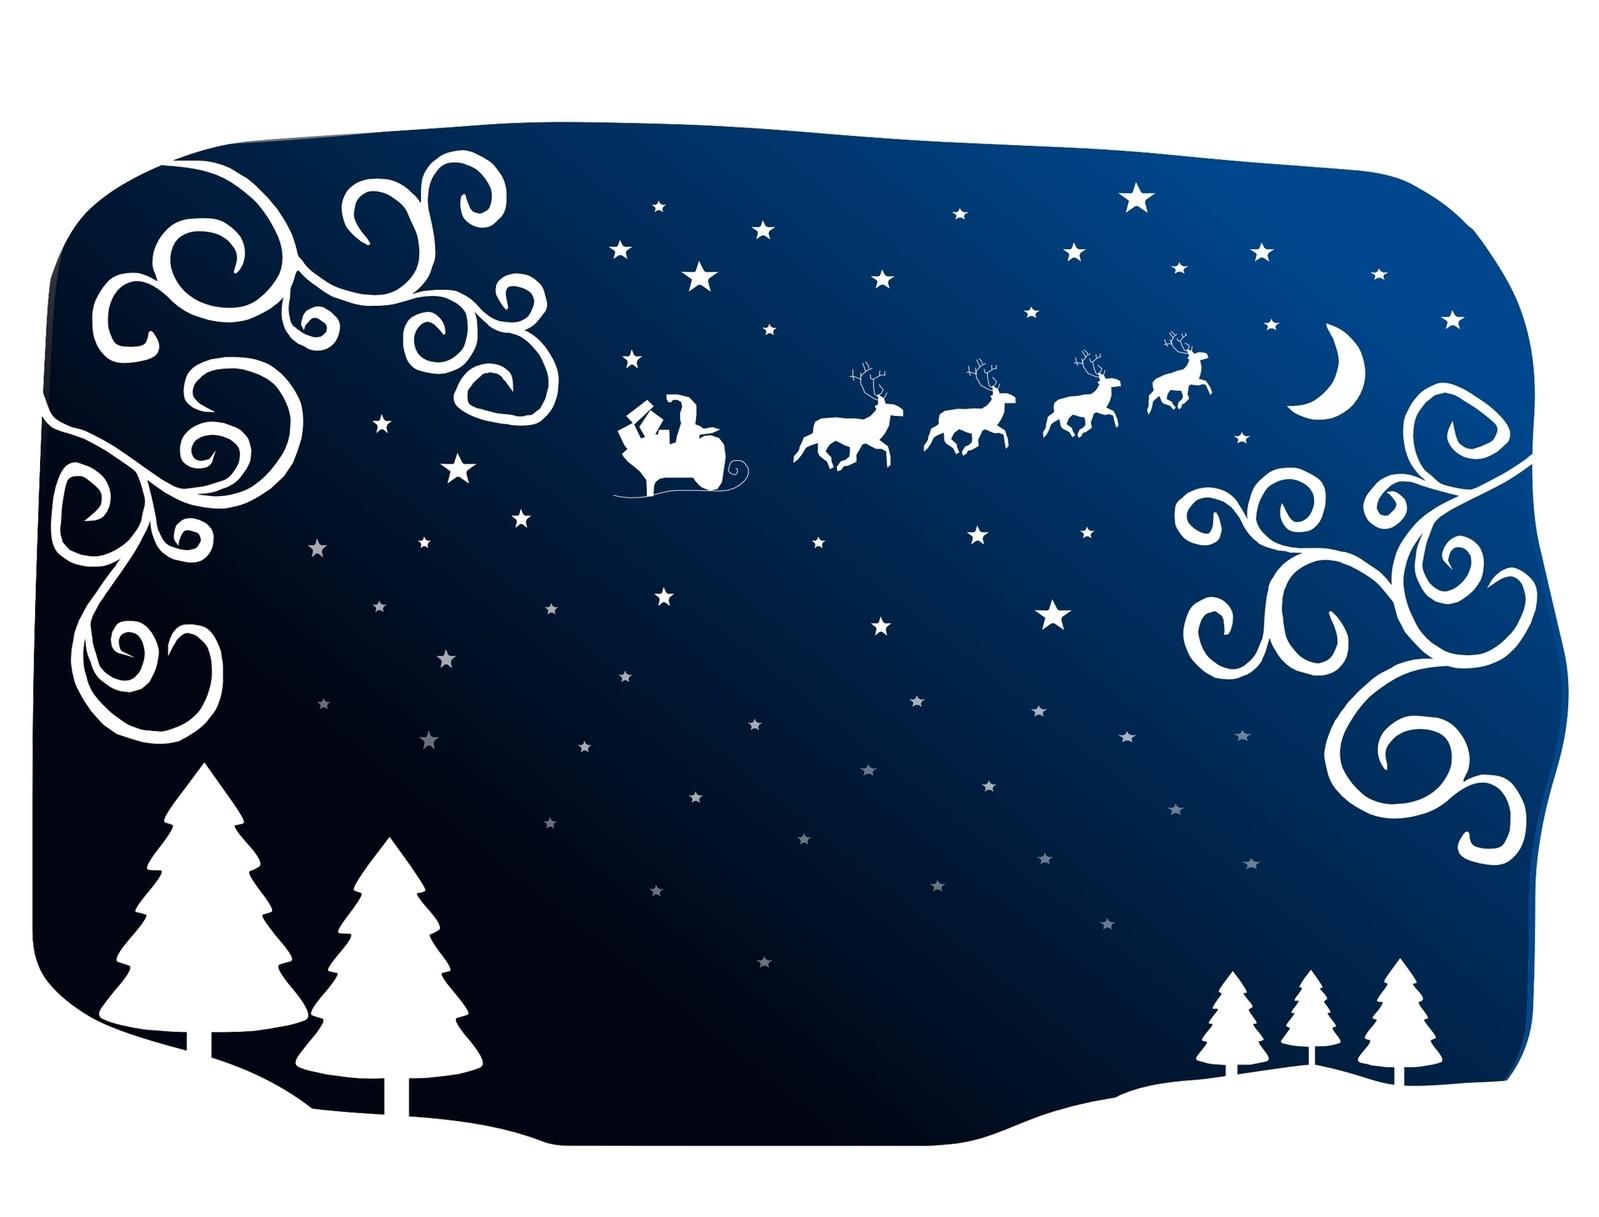 Imagen esquematica de abetos nevados y papa noel con renos